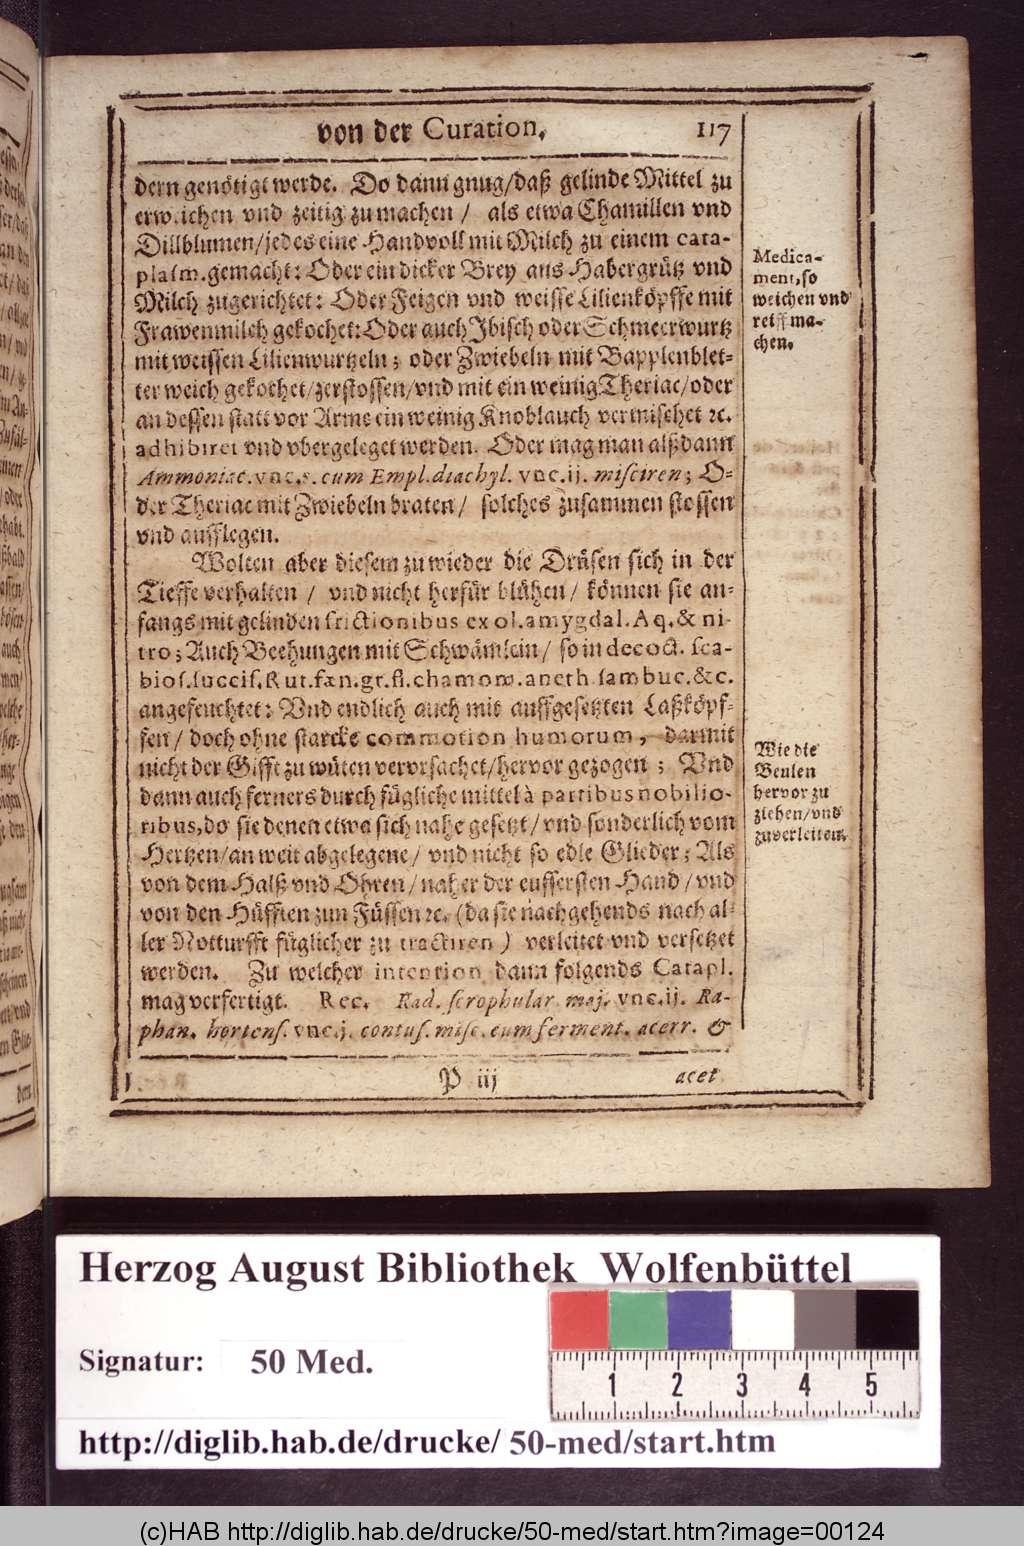 http://diglib.hab.de/drucke/50-med/00124.jpg